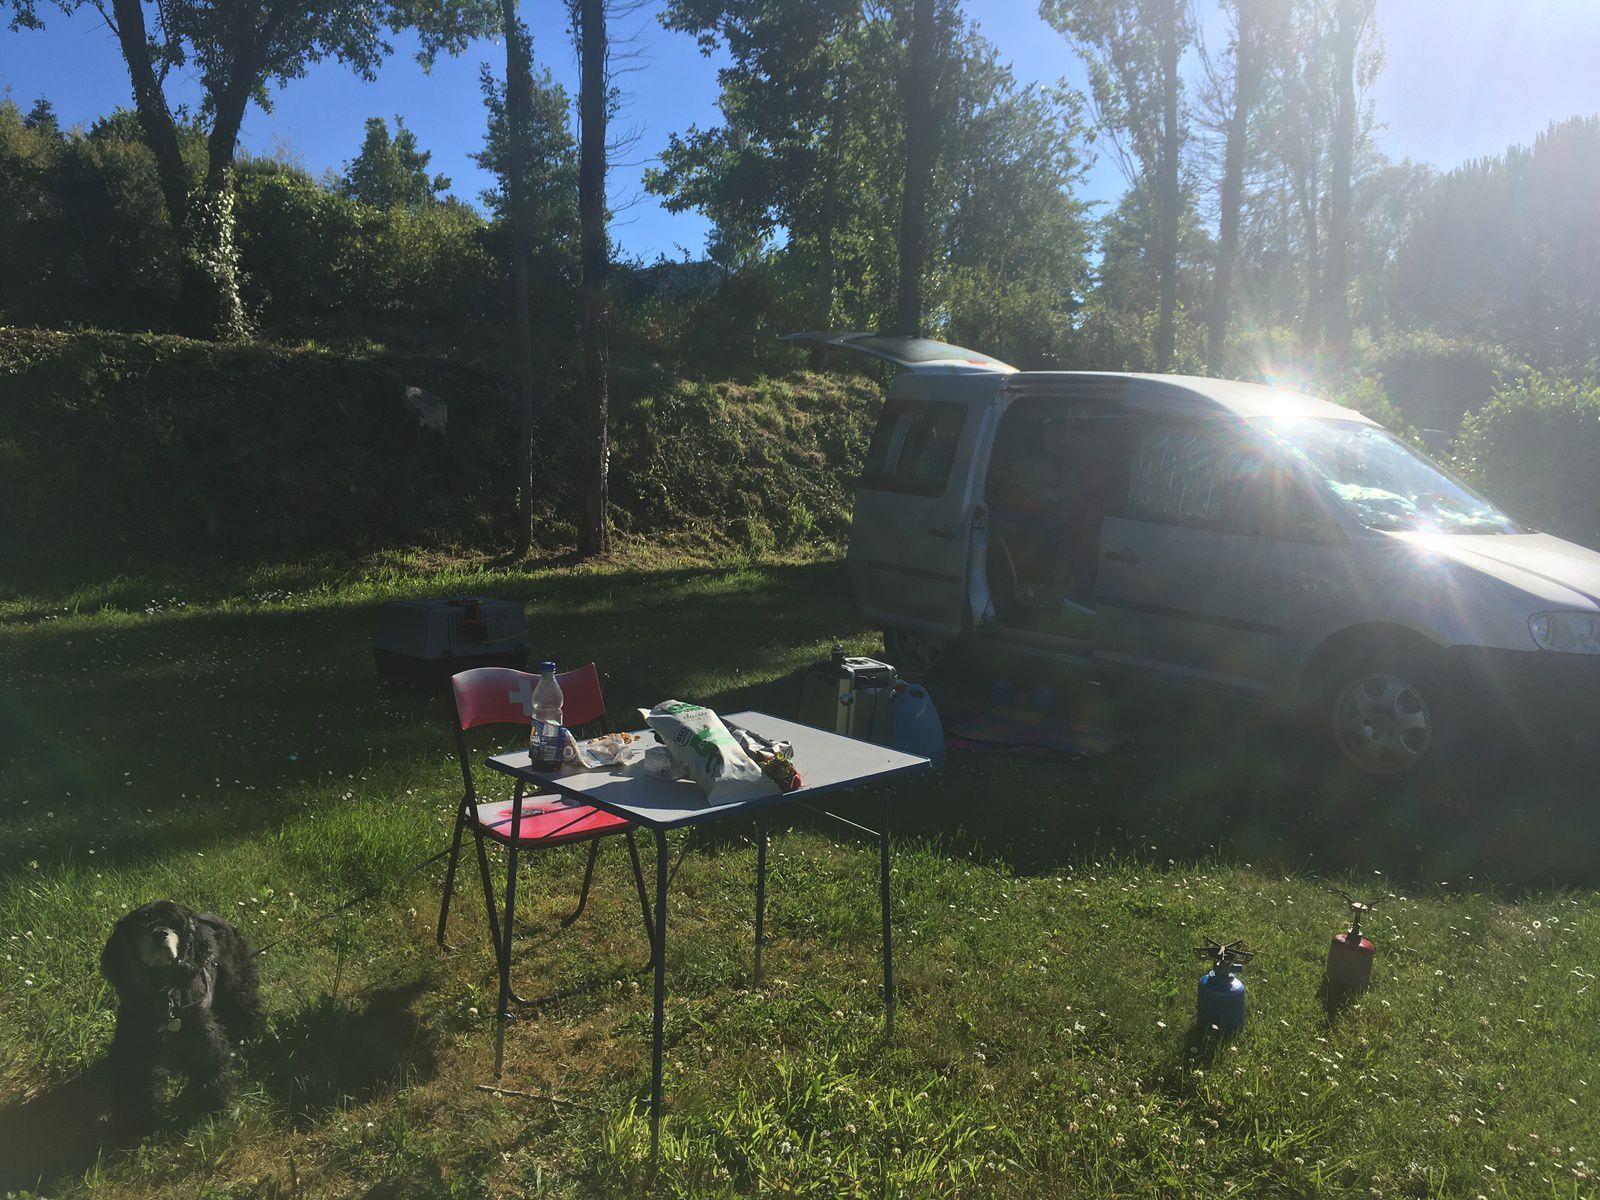 12 juin 2021 : Phare de Kermorvan / Phare de Saint-Mathieu / Phare du petit minou (France)